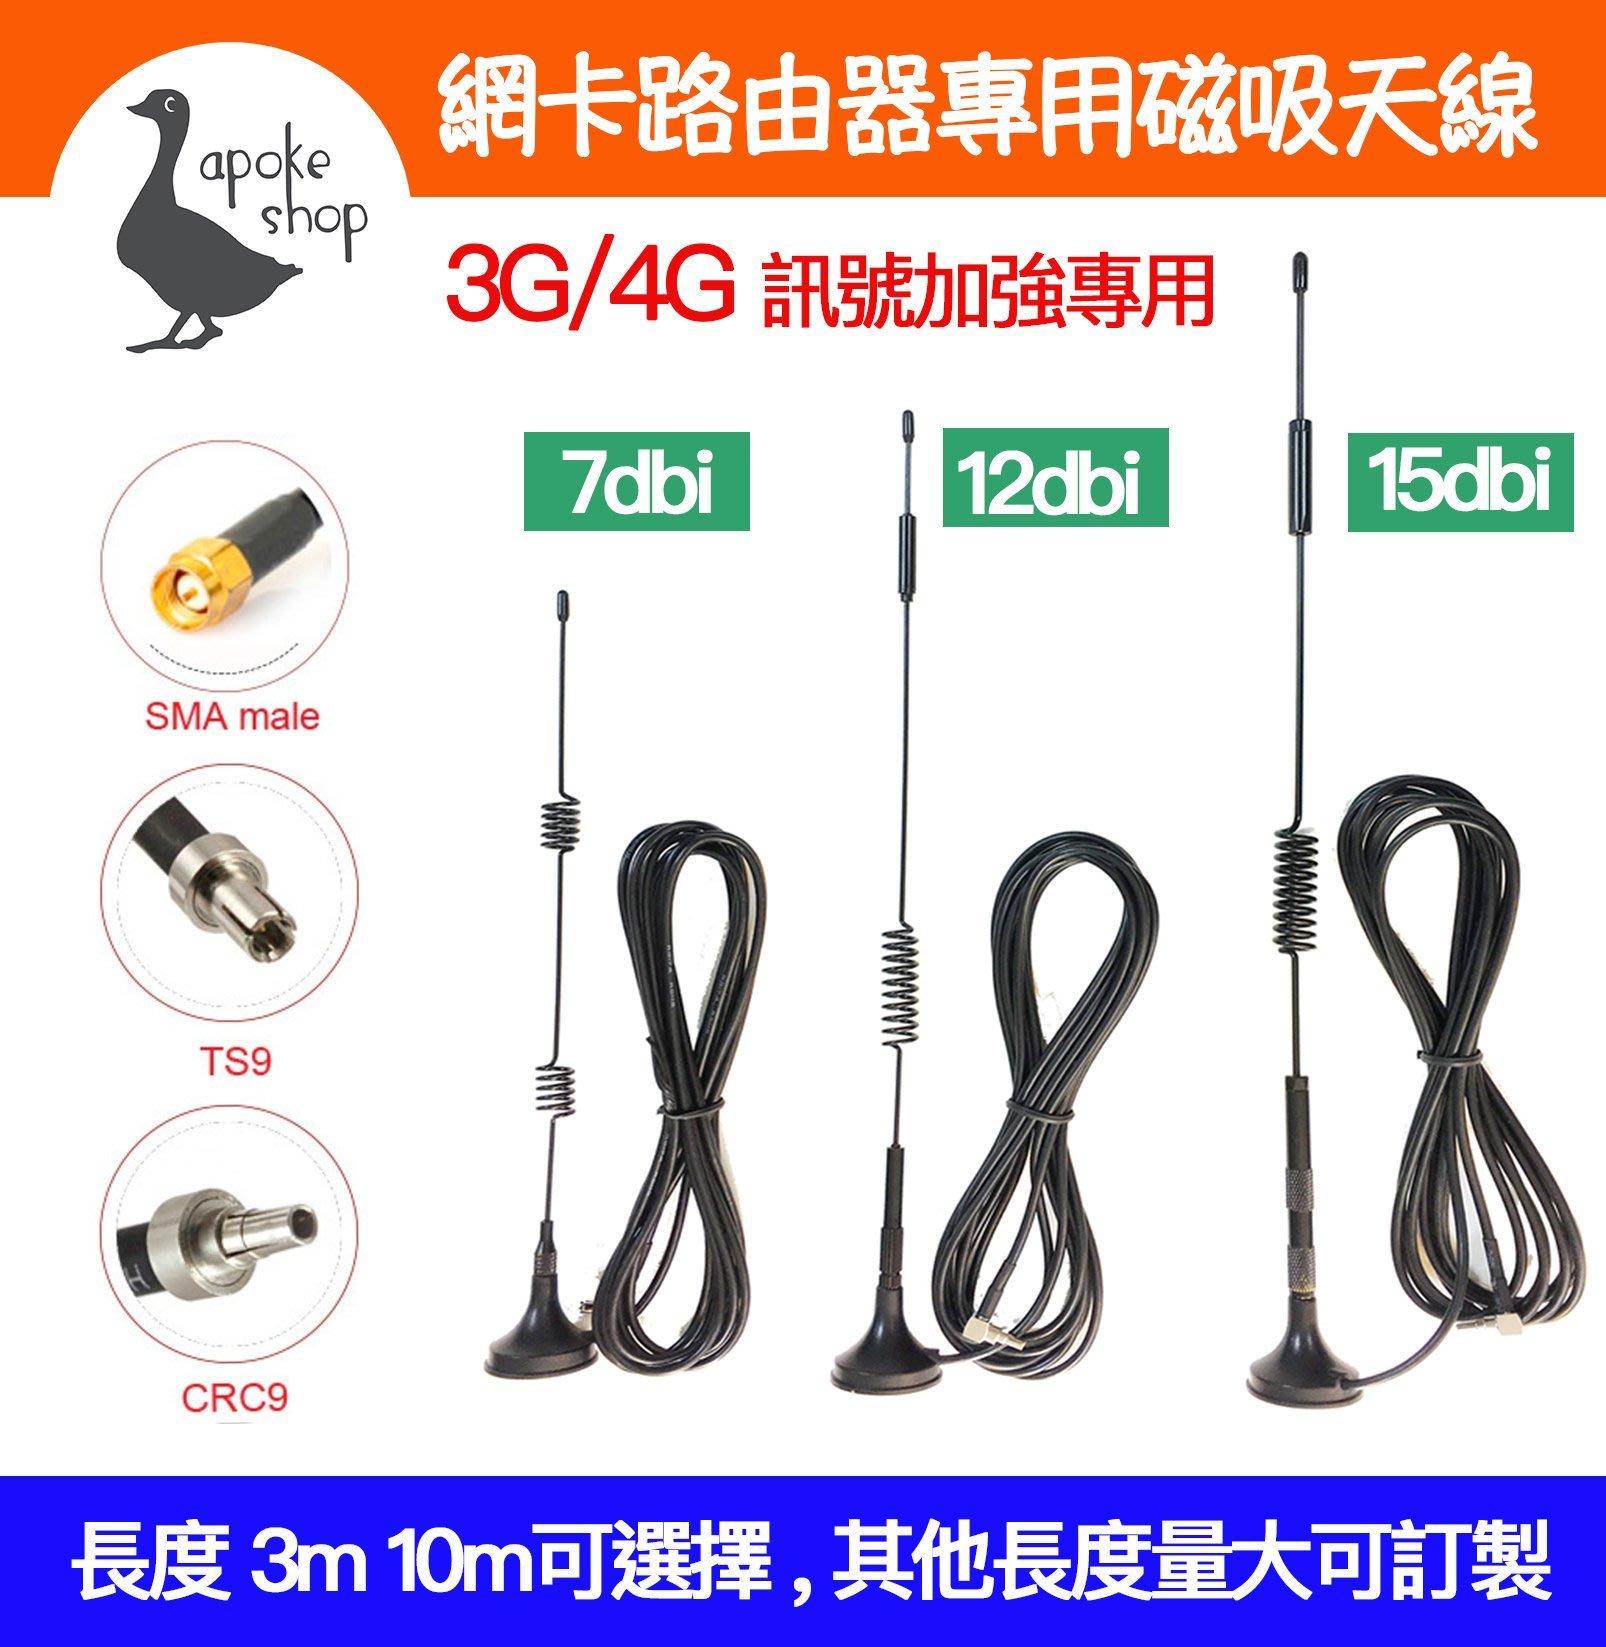 7dbi 3m長 3G/4G 全銅磁吸天線 網卡天線 華為 路由器 TS9 CRC9 SMA E3372 b315s